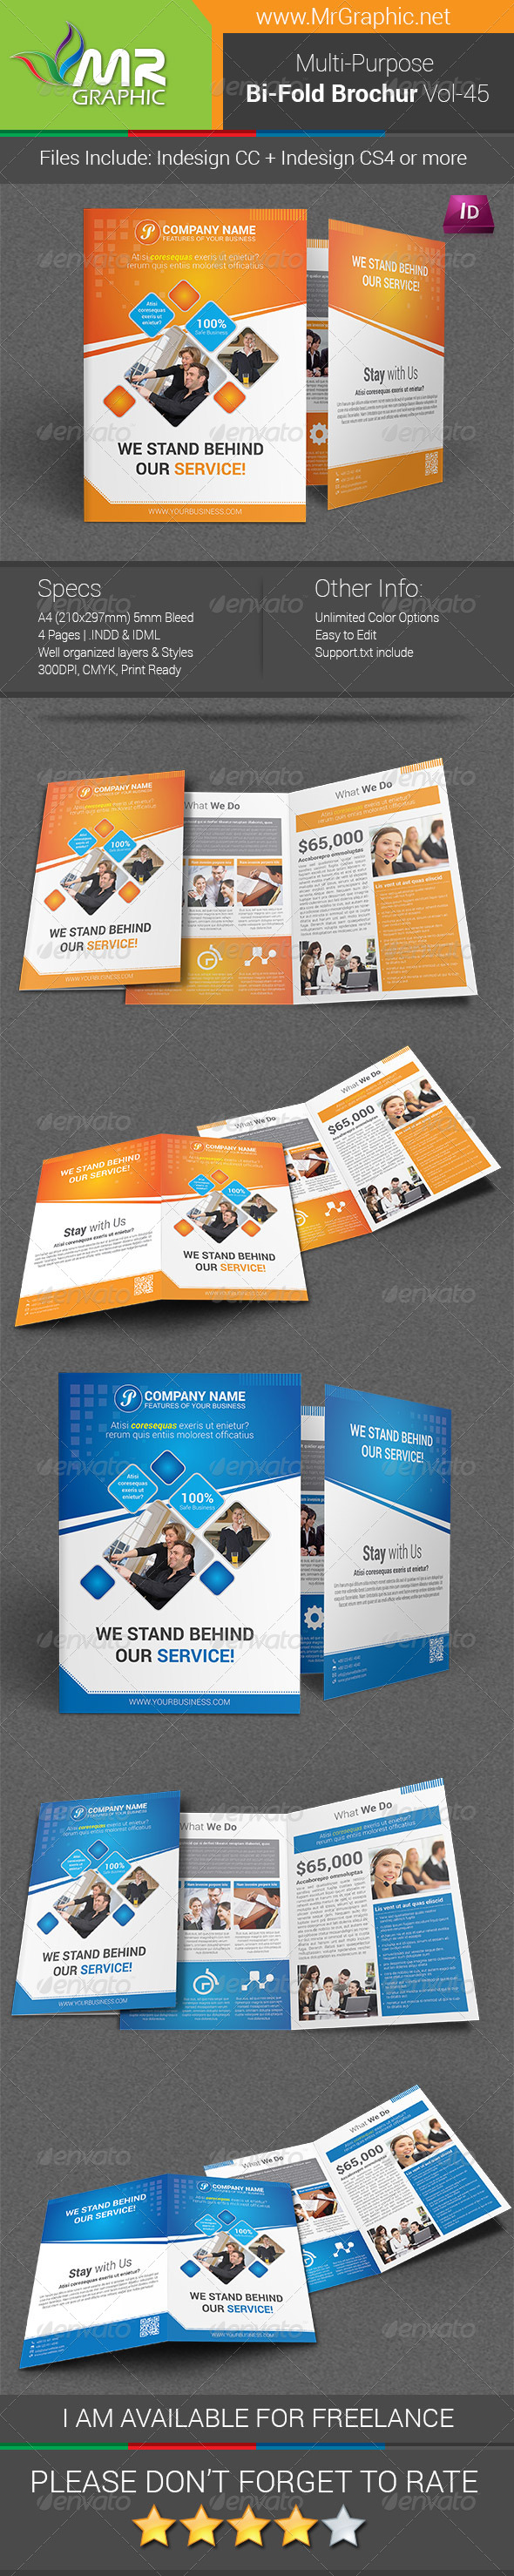 GraphicRiver Multipurpose Bifold Brochure Template Vol-45 6790532